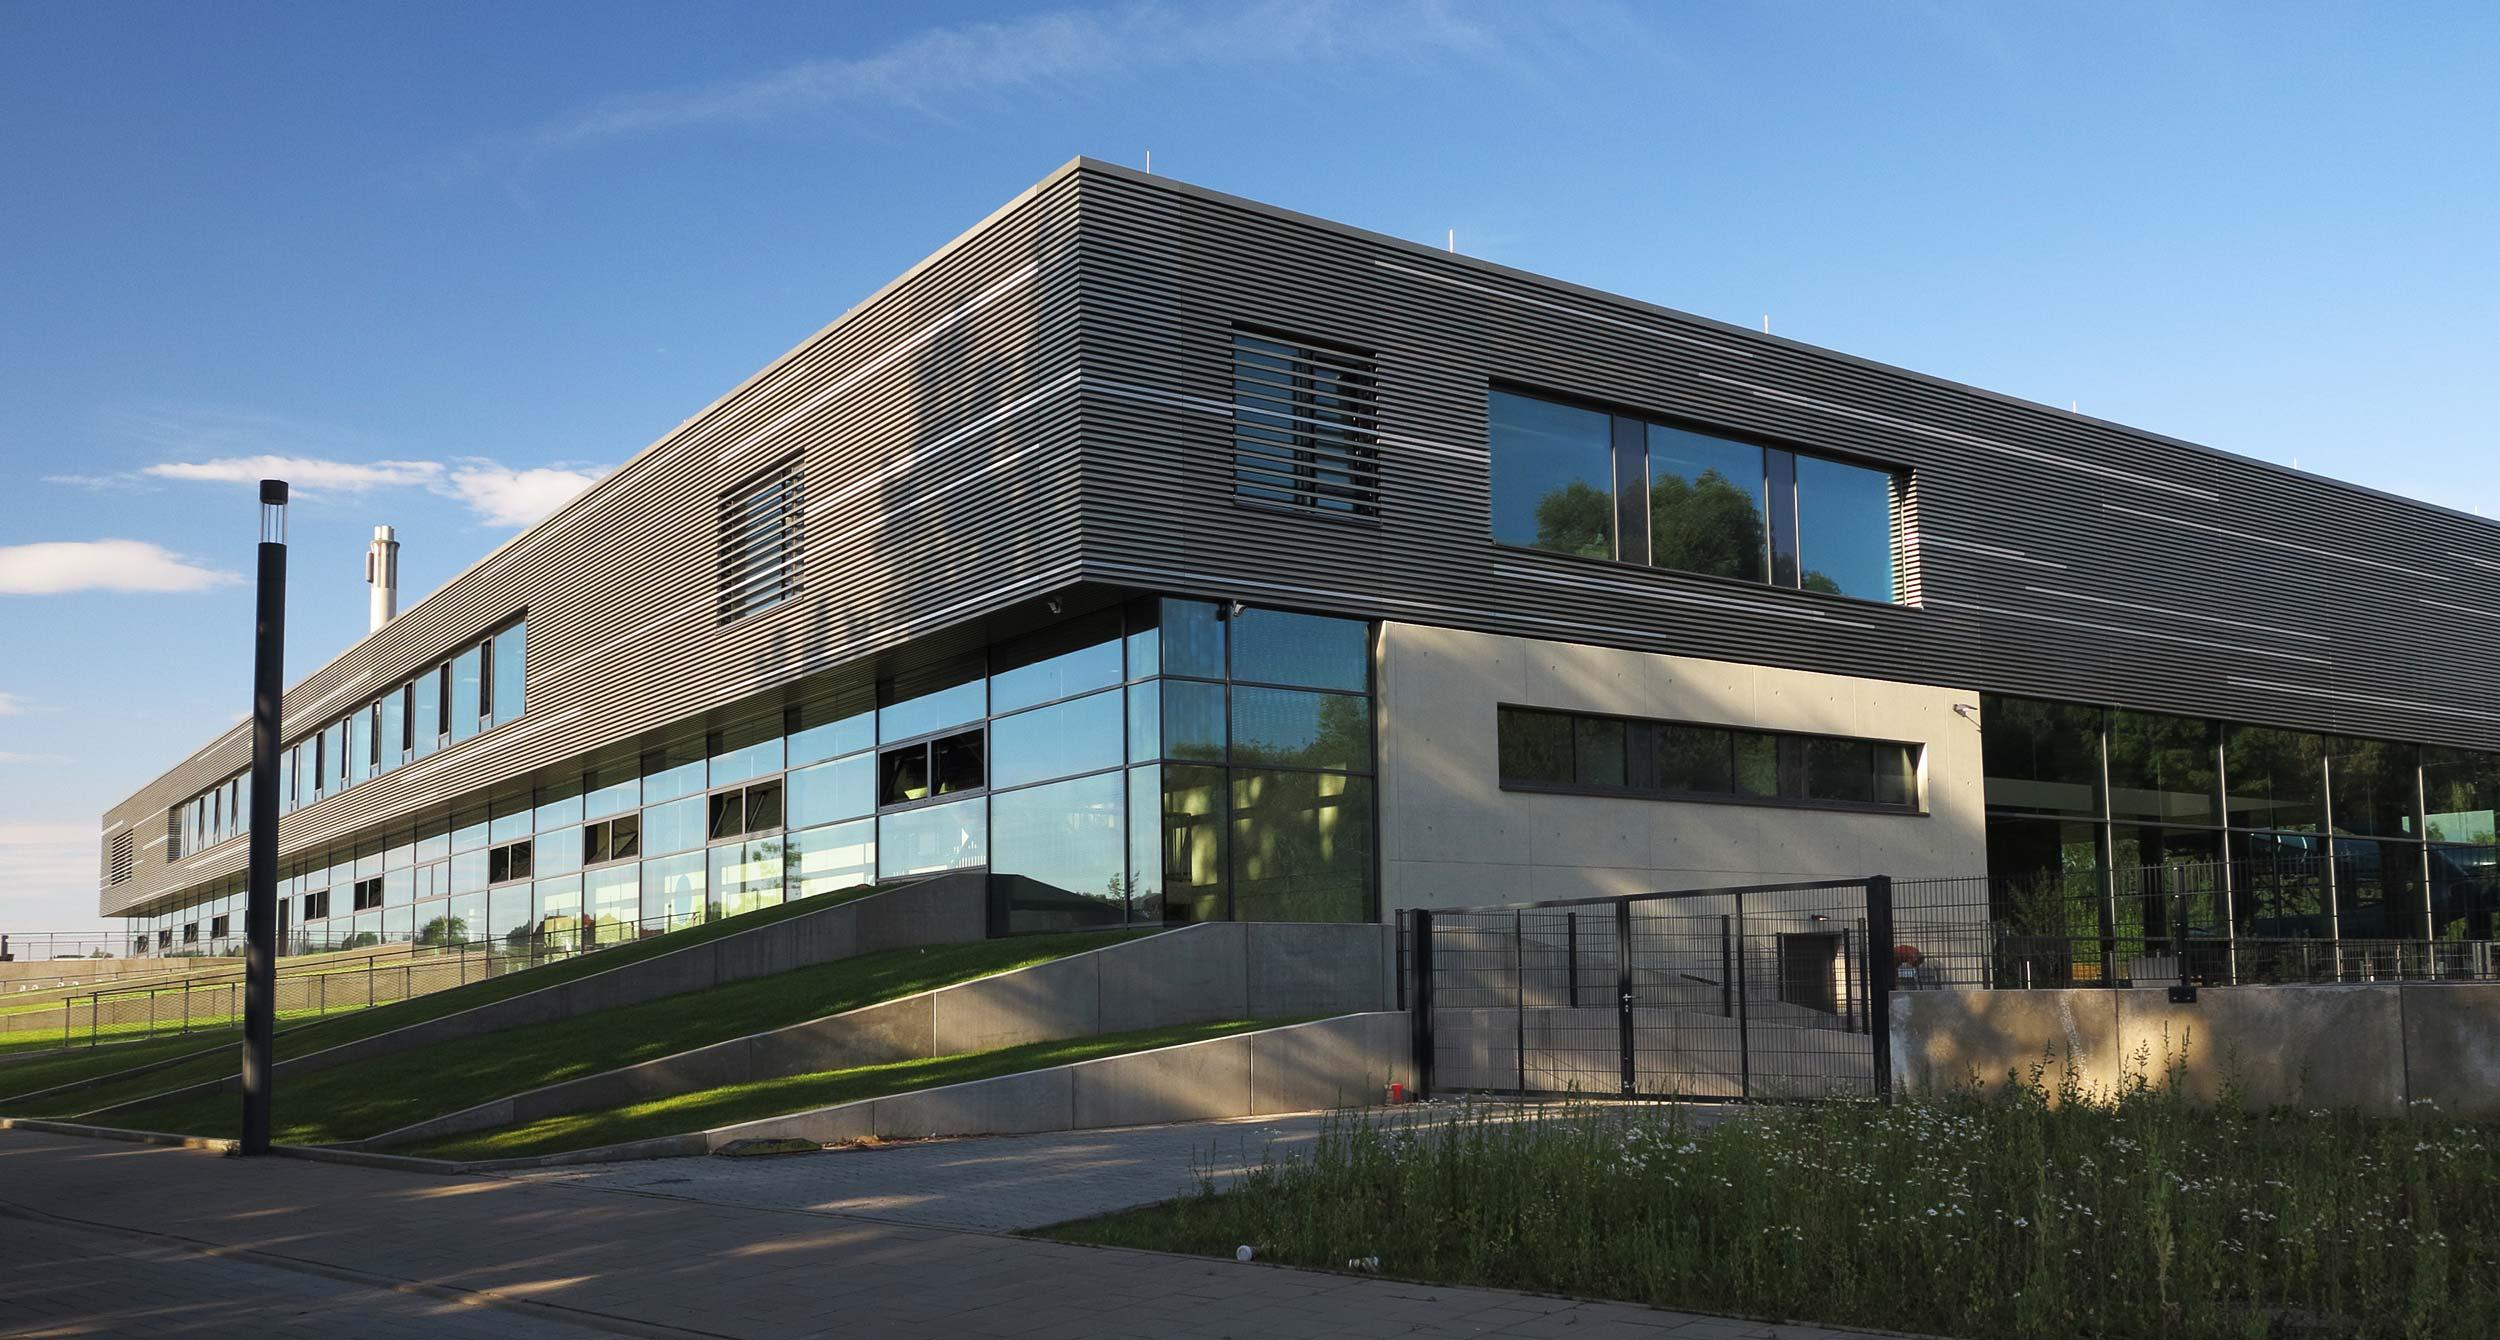 Bild des HHP Nord/Ost Projekts Wasserwelt in Braunschweig